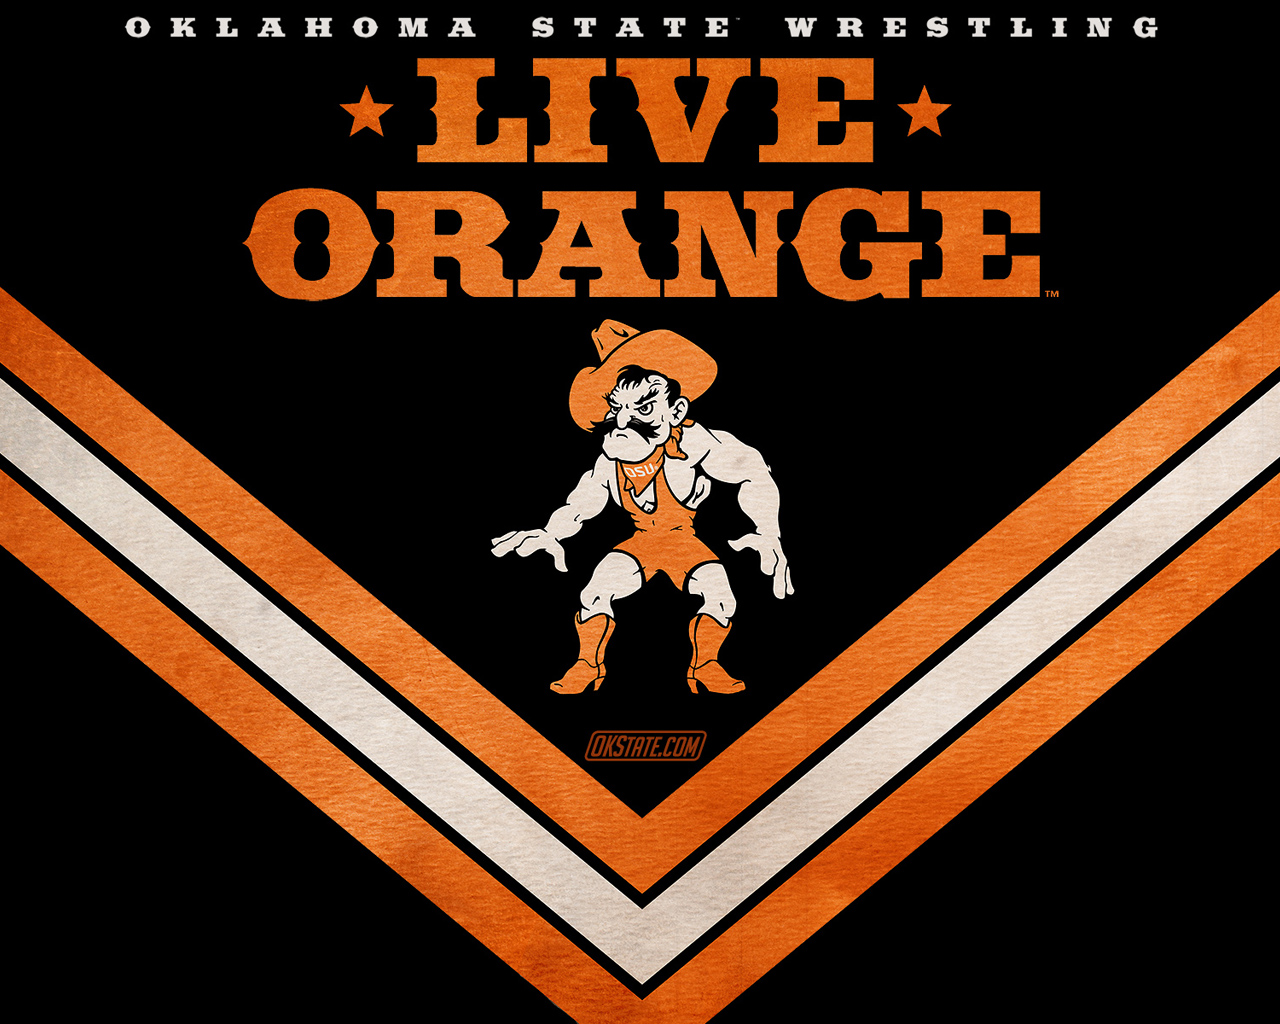 Iowa Usa Wrestling Logo Quote 1280x1024